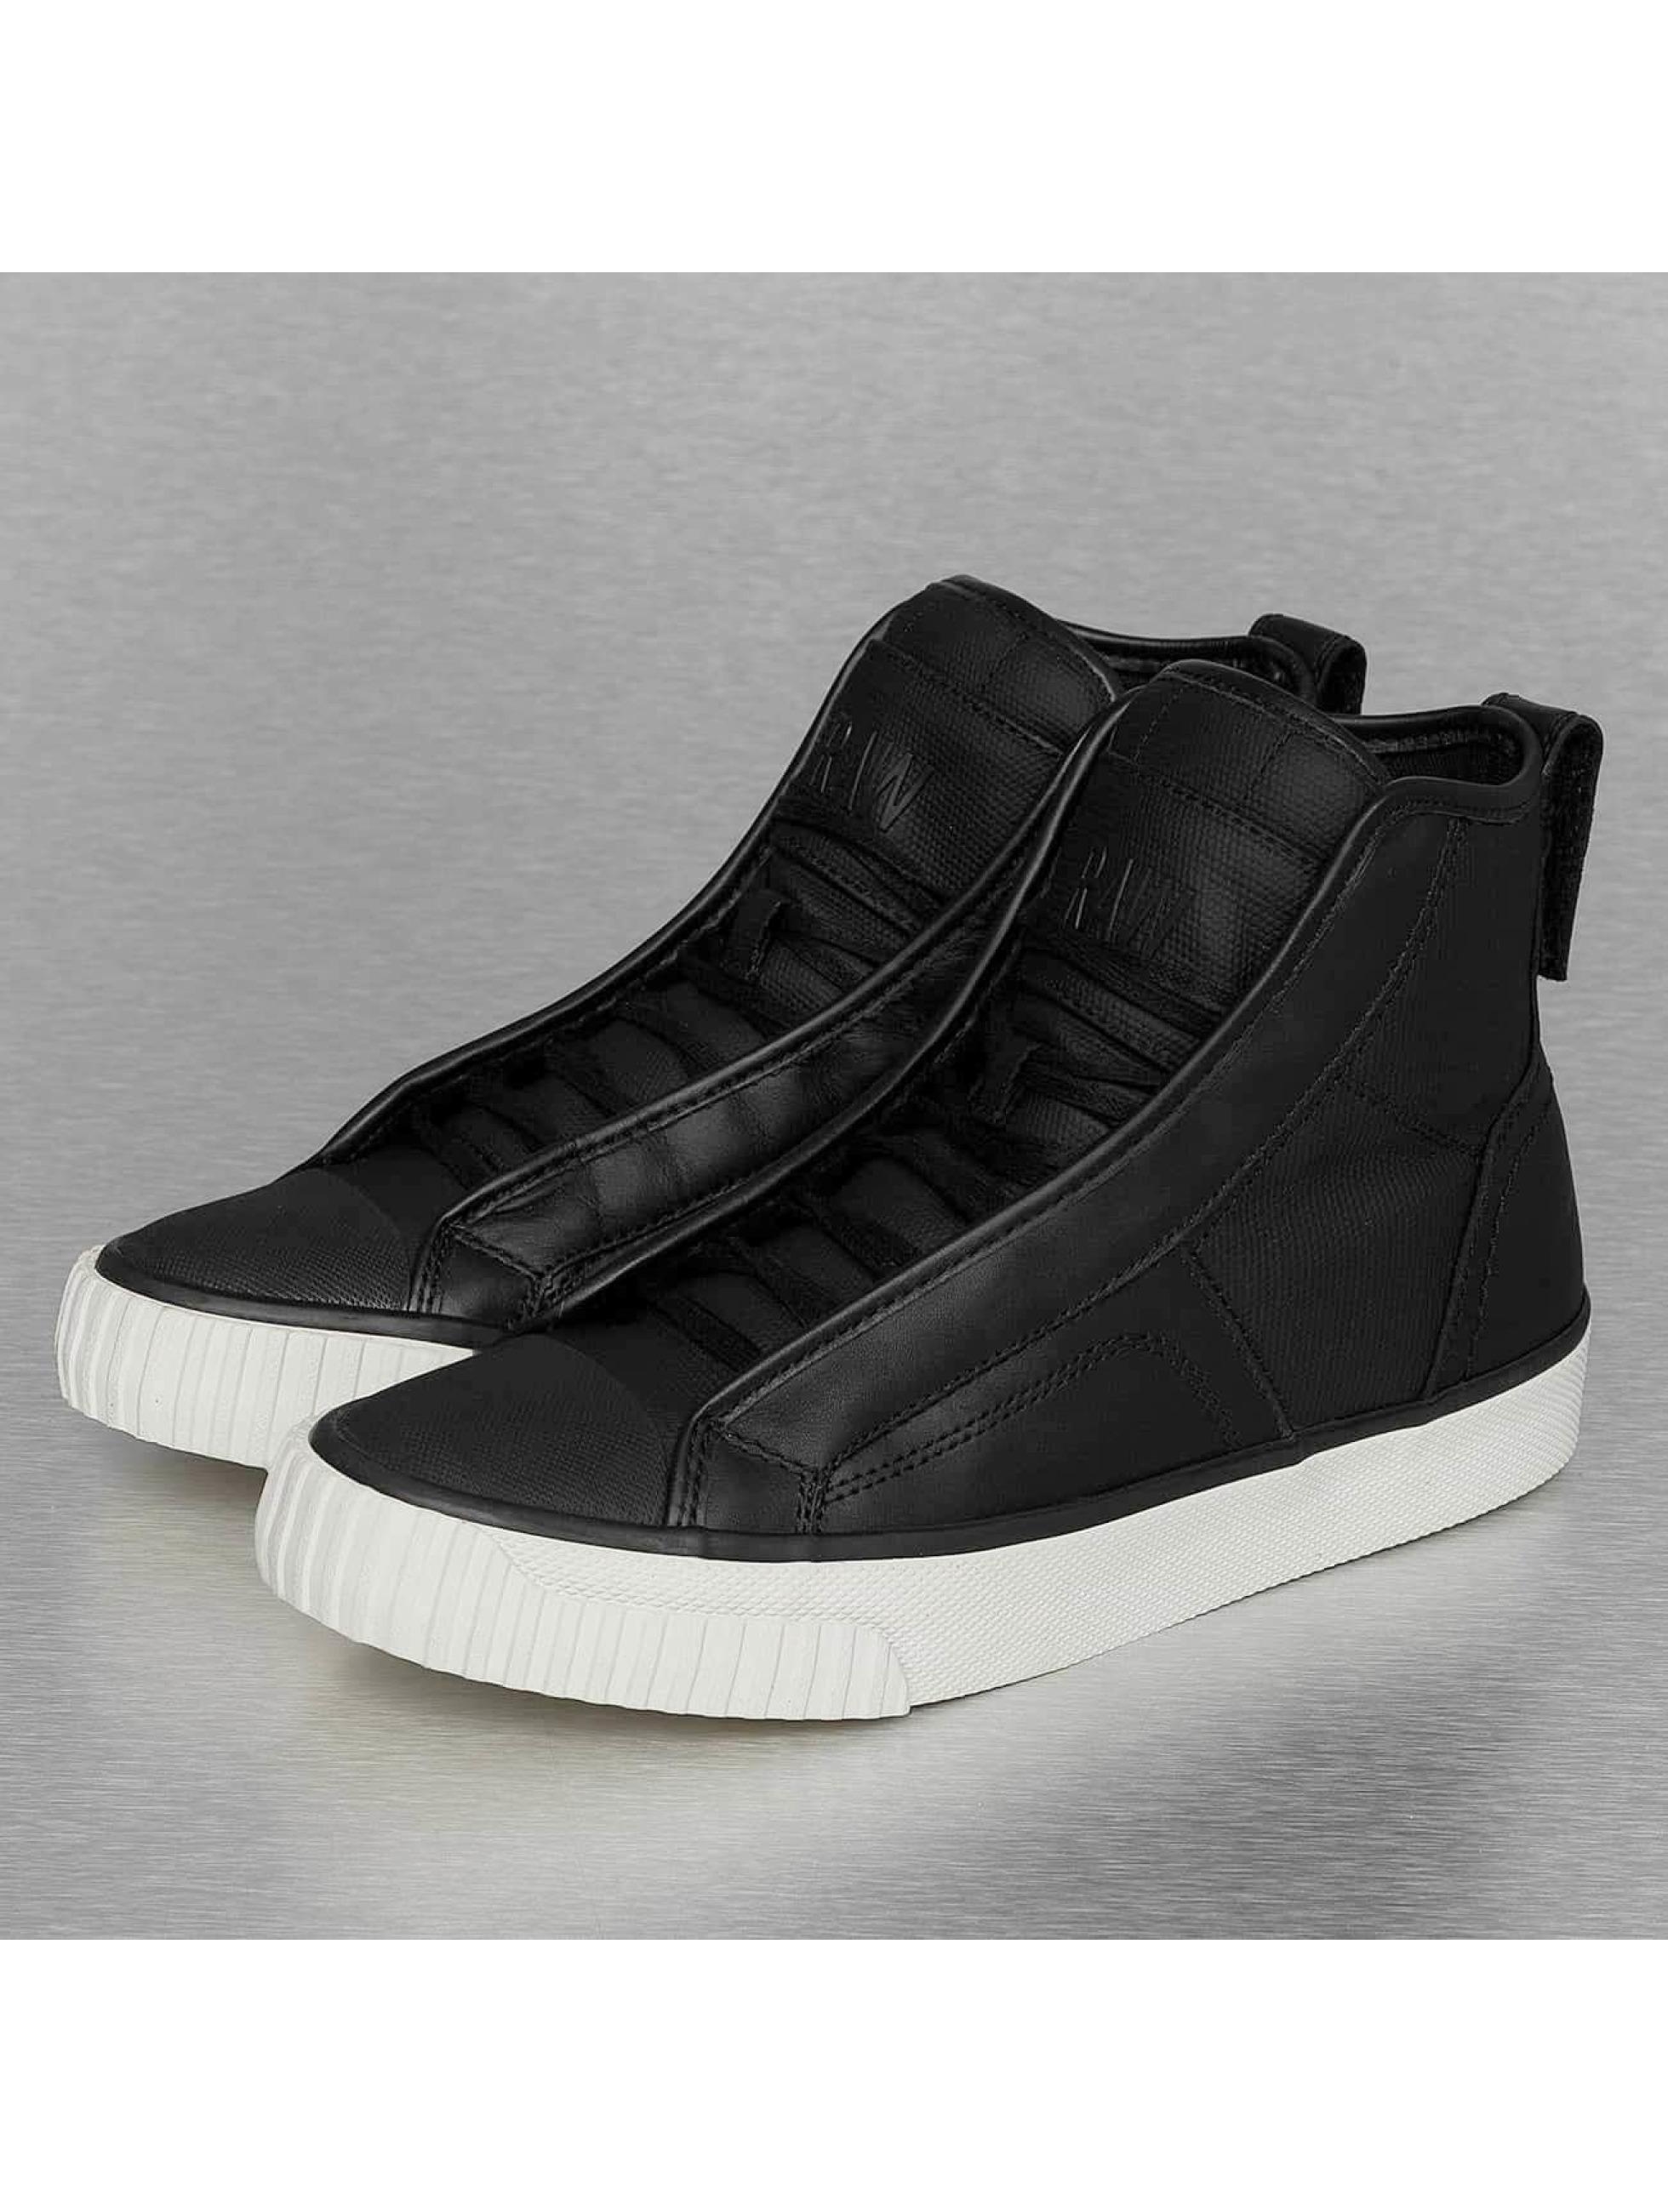 G-Star Footwear sneaker Scuba Neoprene zwart